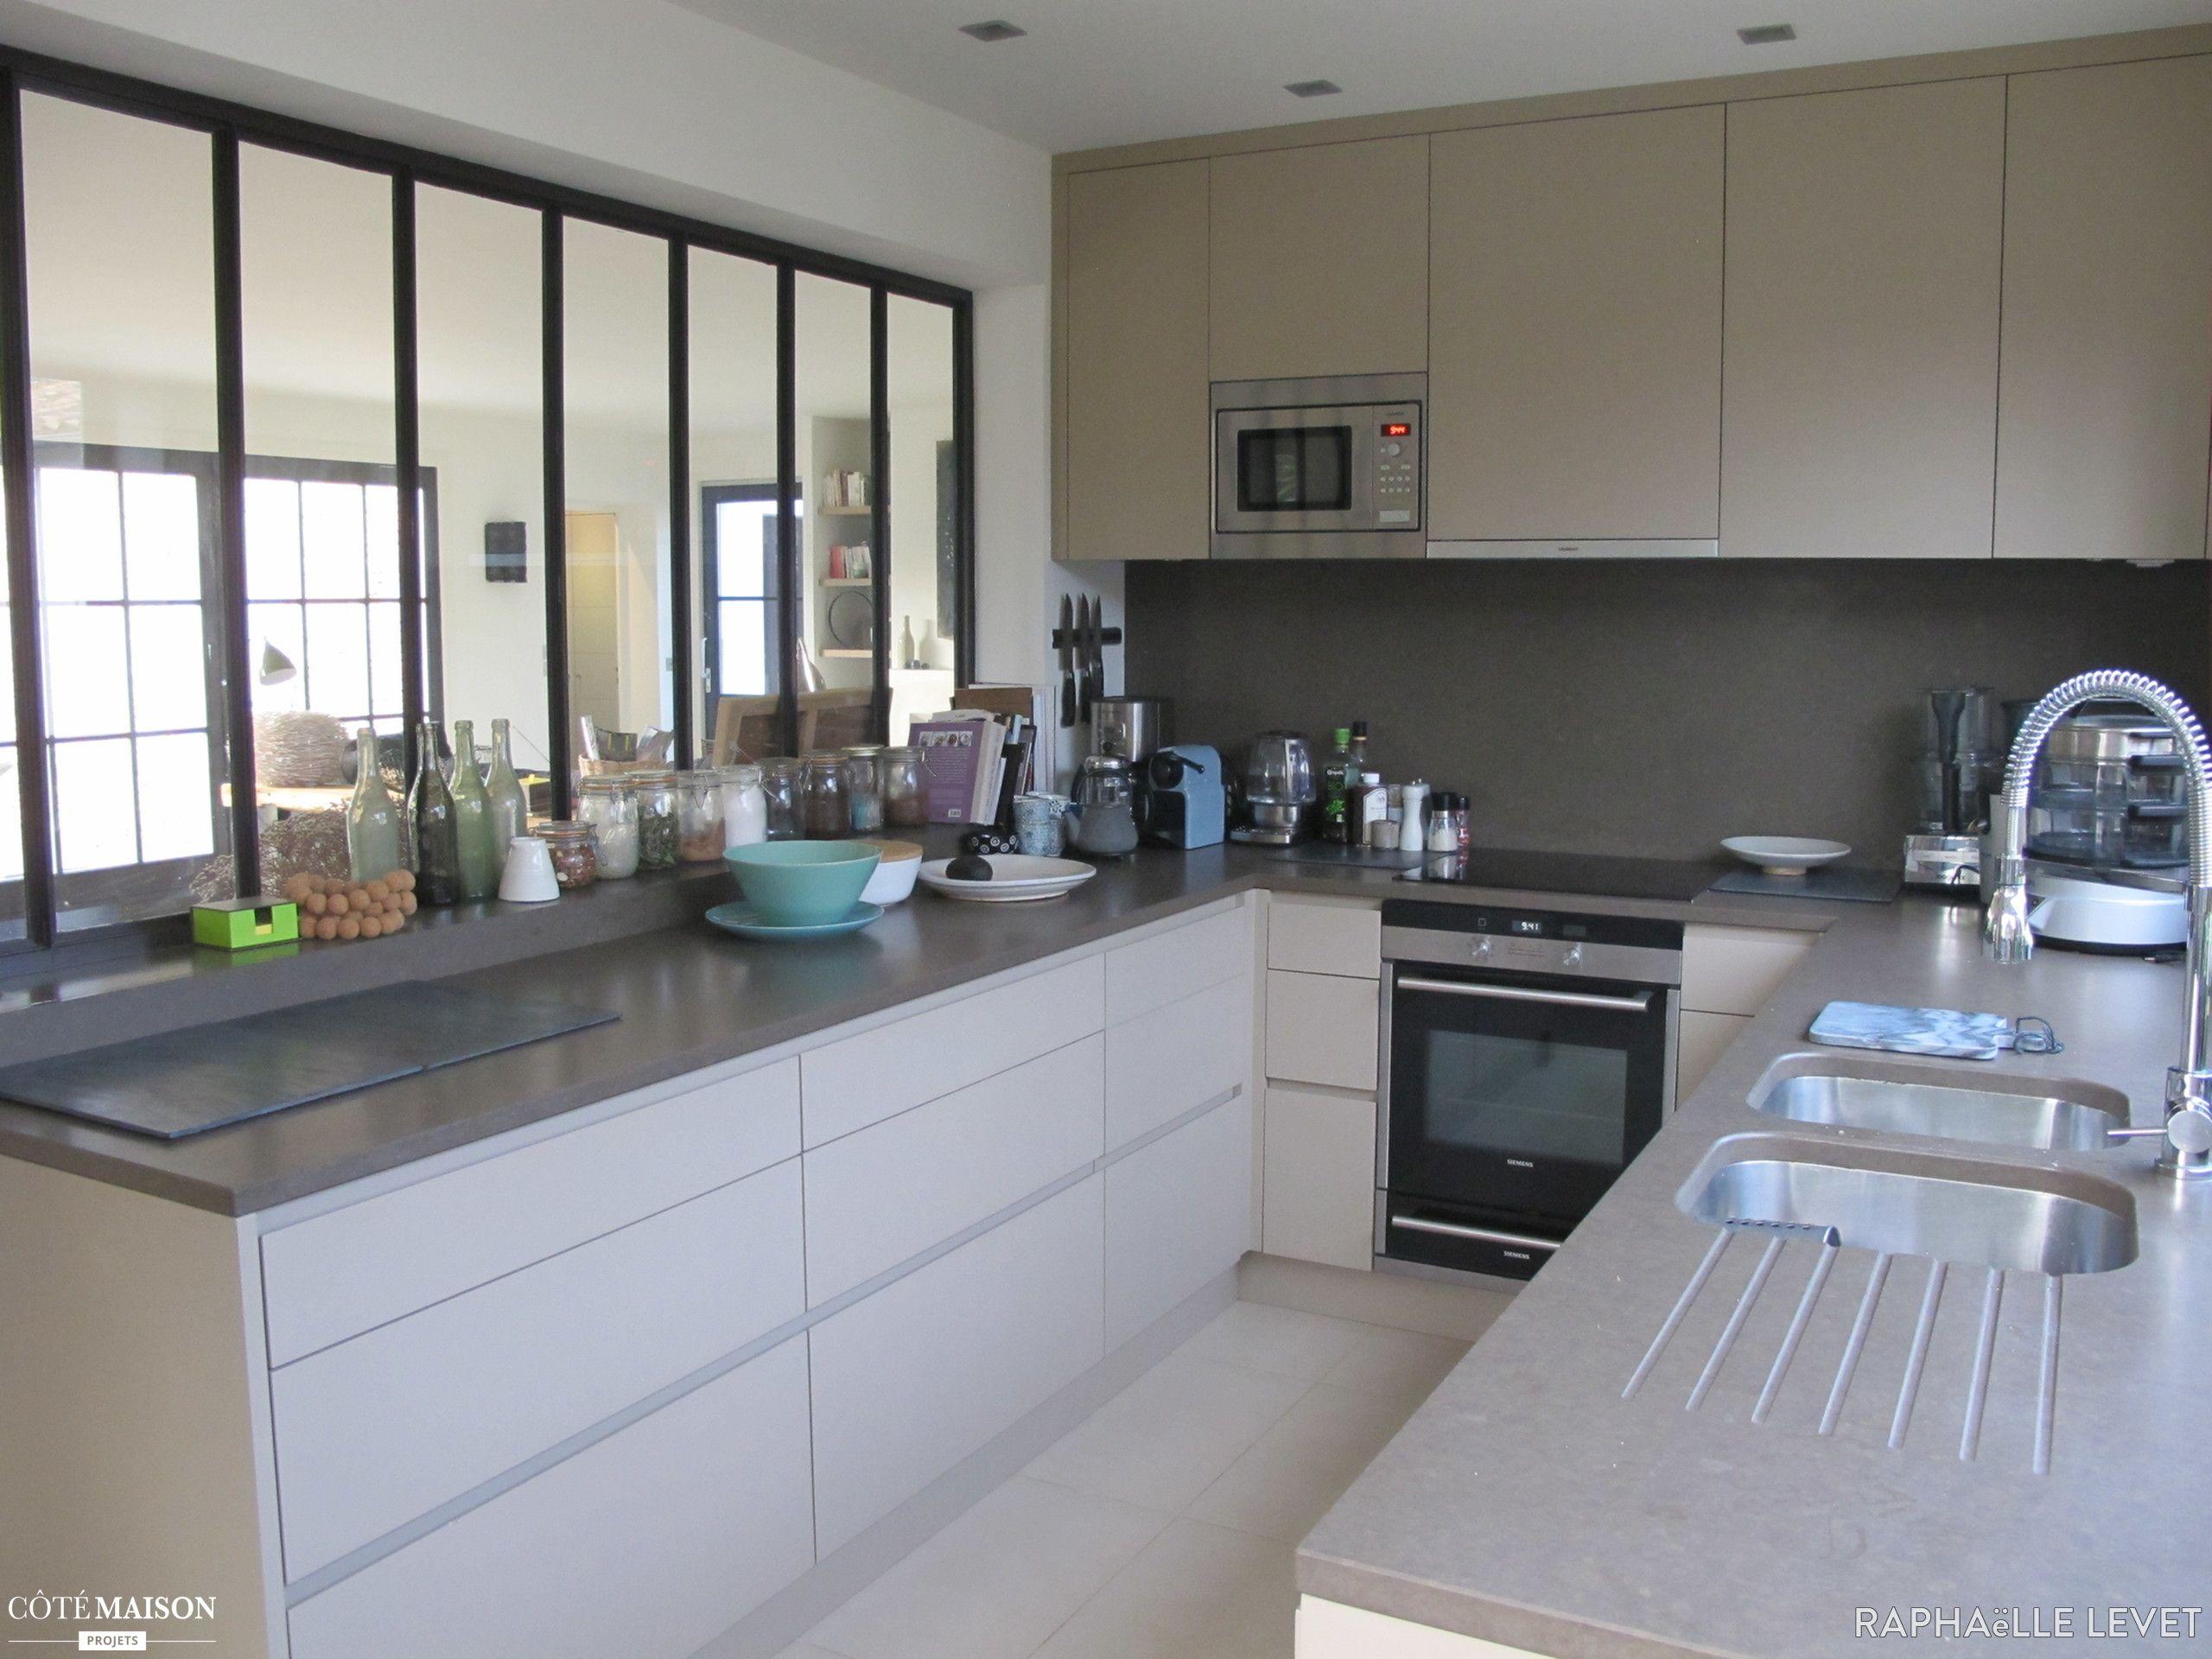 Une Maison à Ré Raphaëlle Levet Côté Maison Projets Cuisine - Cote maison cuisine pour idees de deco de cuisine